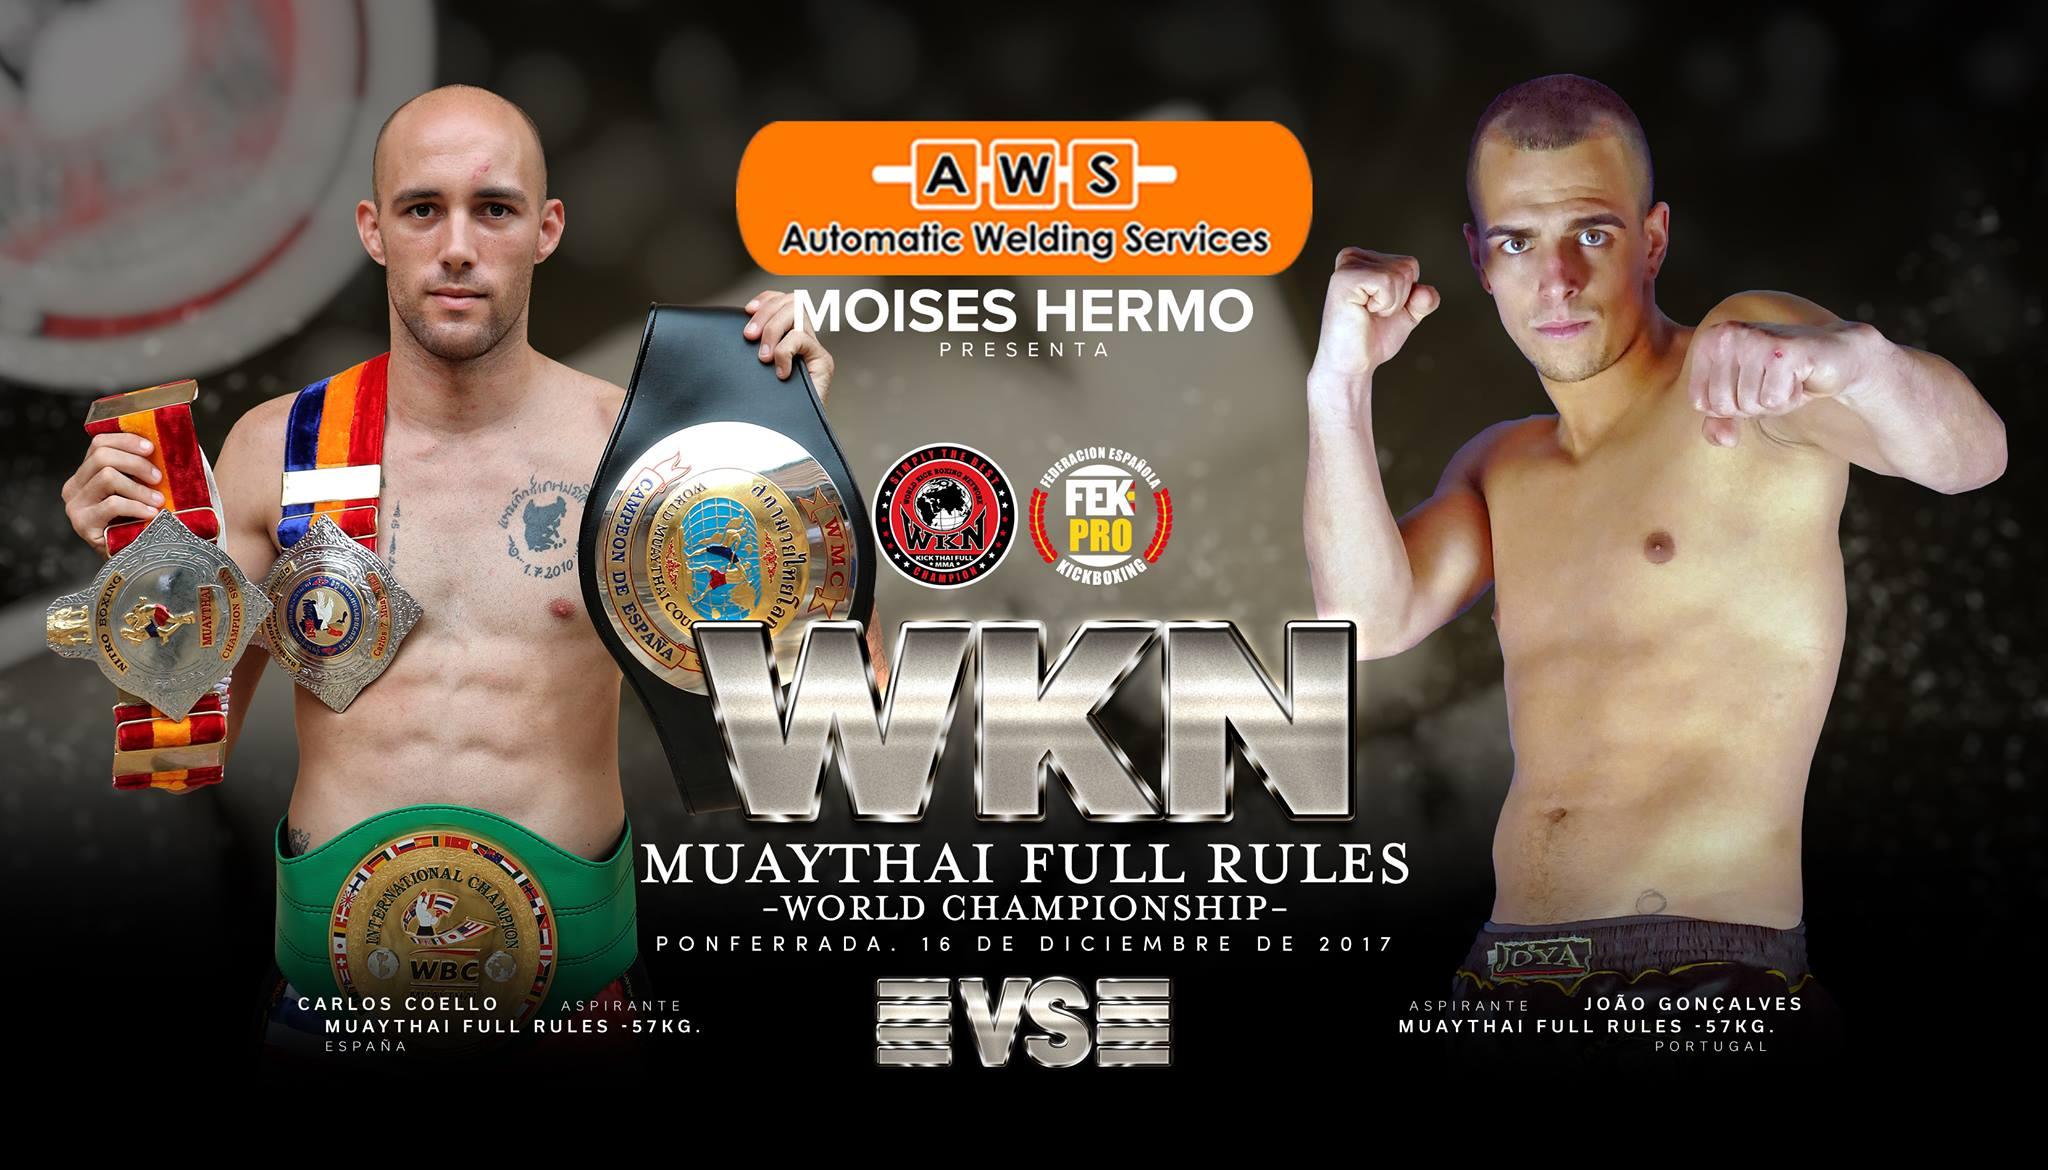 Ponferrada se convertirá en el corazón de las artes marciales: K1 & MuayThai World Championship -16 De Diciembre- Ponferrada 2